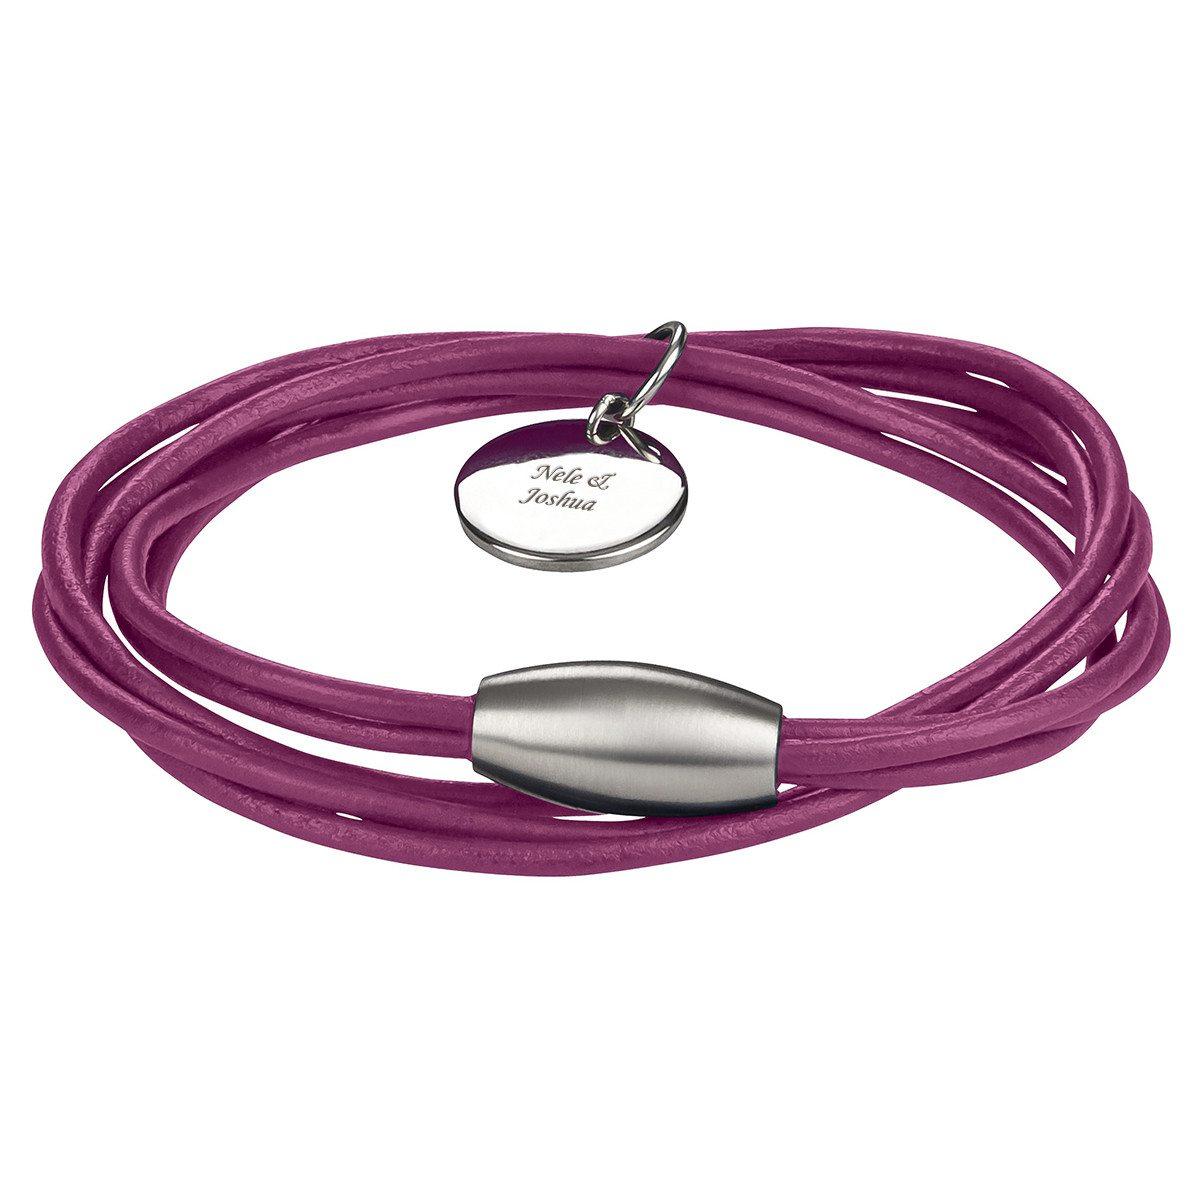 Farvet læderarmbånd med indgraveret vedhæng